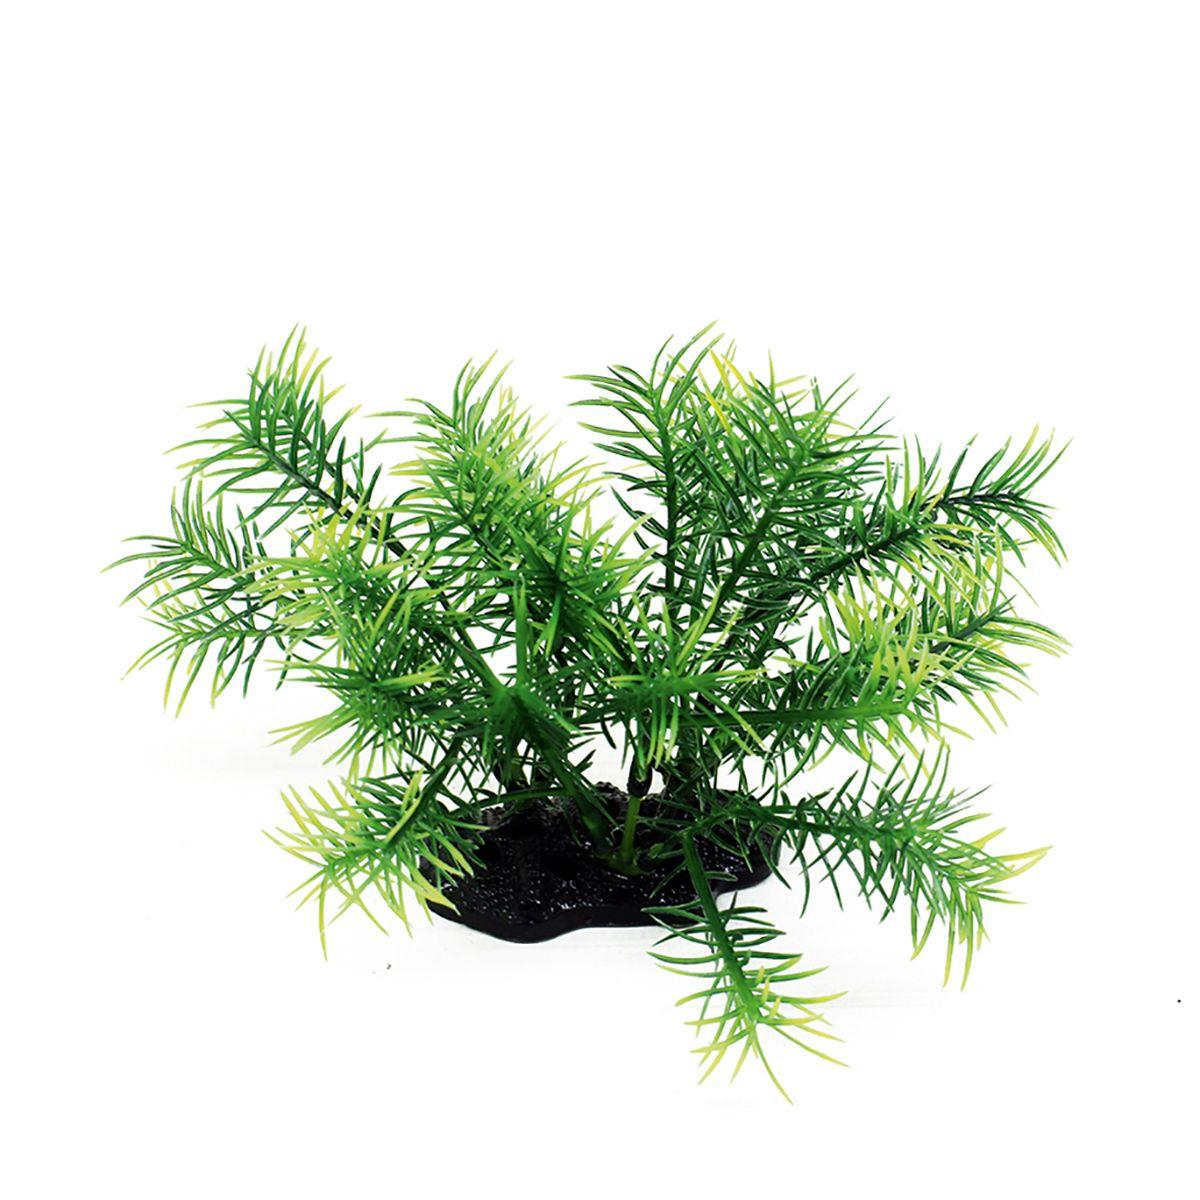 Растение для аквариума ArtUniq Погостемон эректус, высота 10-12 см0120710Композиция из искусственных растений ArtUniq превосходно украсит и оживит аквариум.Растения - это важная часть любой композиции, они помогут вдохнуть жизнь в ландшафт любого аквариума или террариума. А их сходствос природными порадует даже самых взыскательных ценителей.